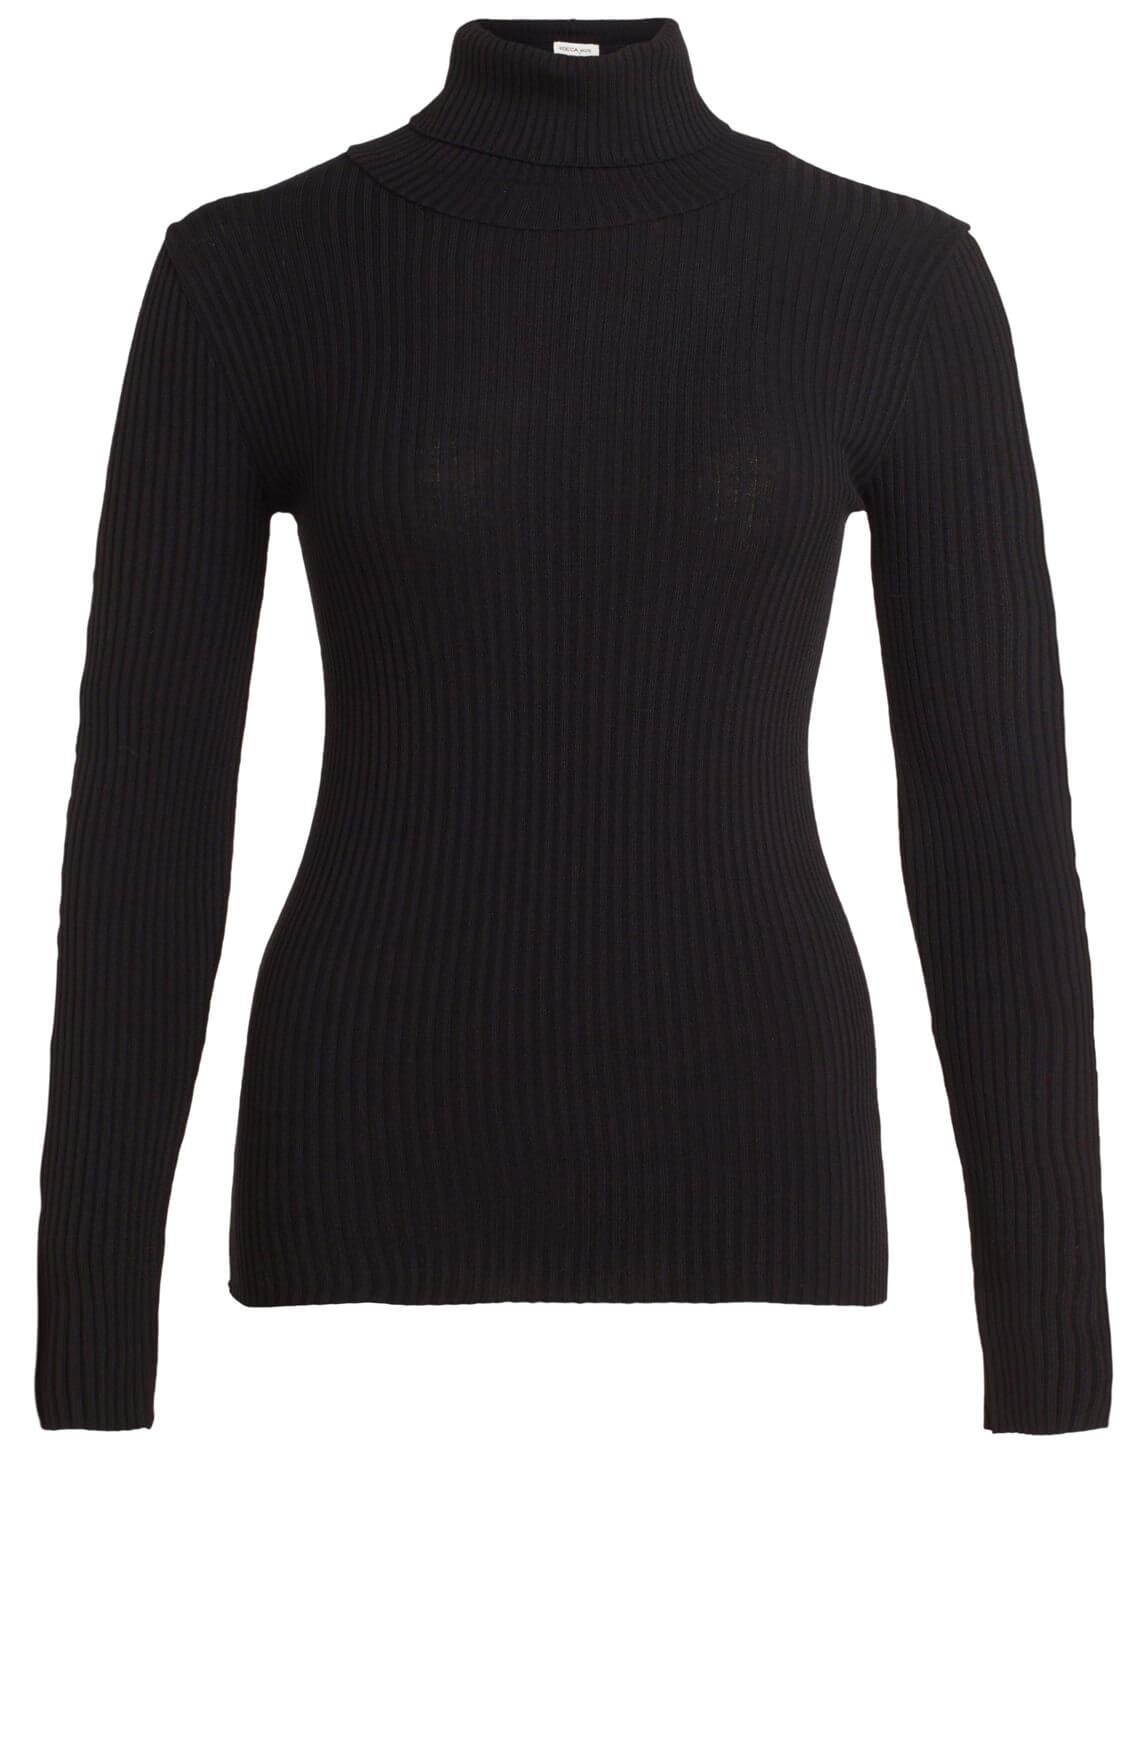 Kocca Dames Bacco pullover met col zwart